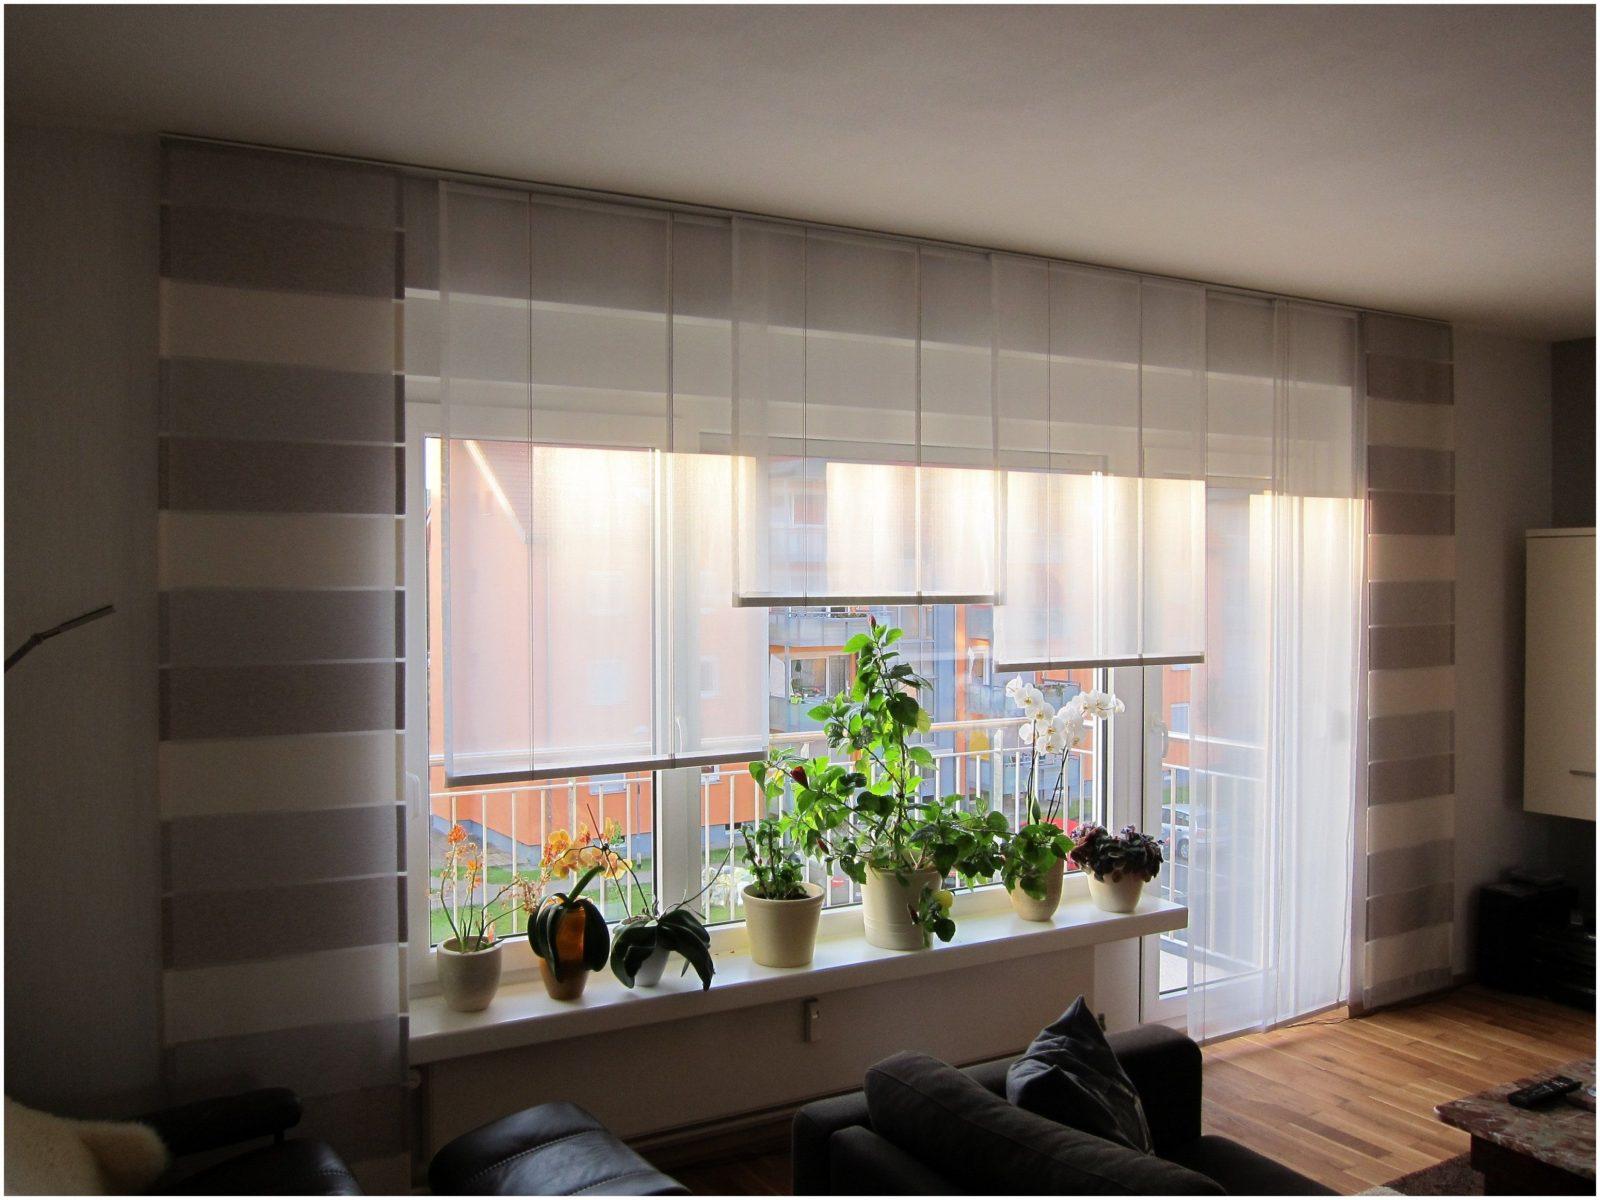 Erstaunlich Gardinen Balkontür Und Fenster Fotos Von Fenster Idee von Gardinen Balkontür Und Fenster Photo